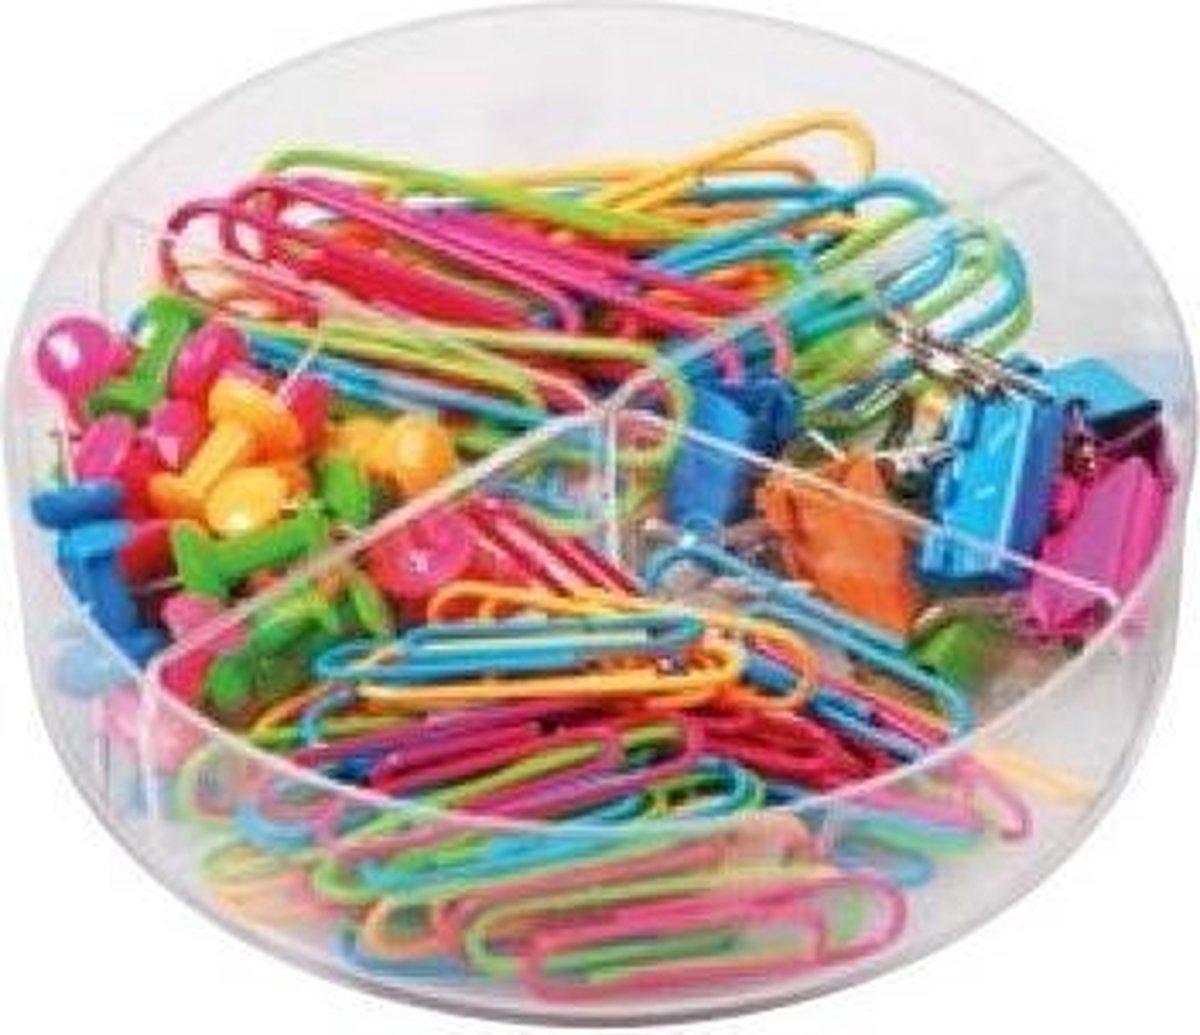 Doosje met Paperclips - 110 Stuks   Kantoor / School / Thuis  Multi-Kleur - Trend Accessoires